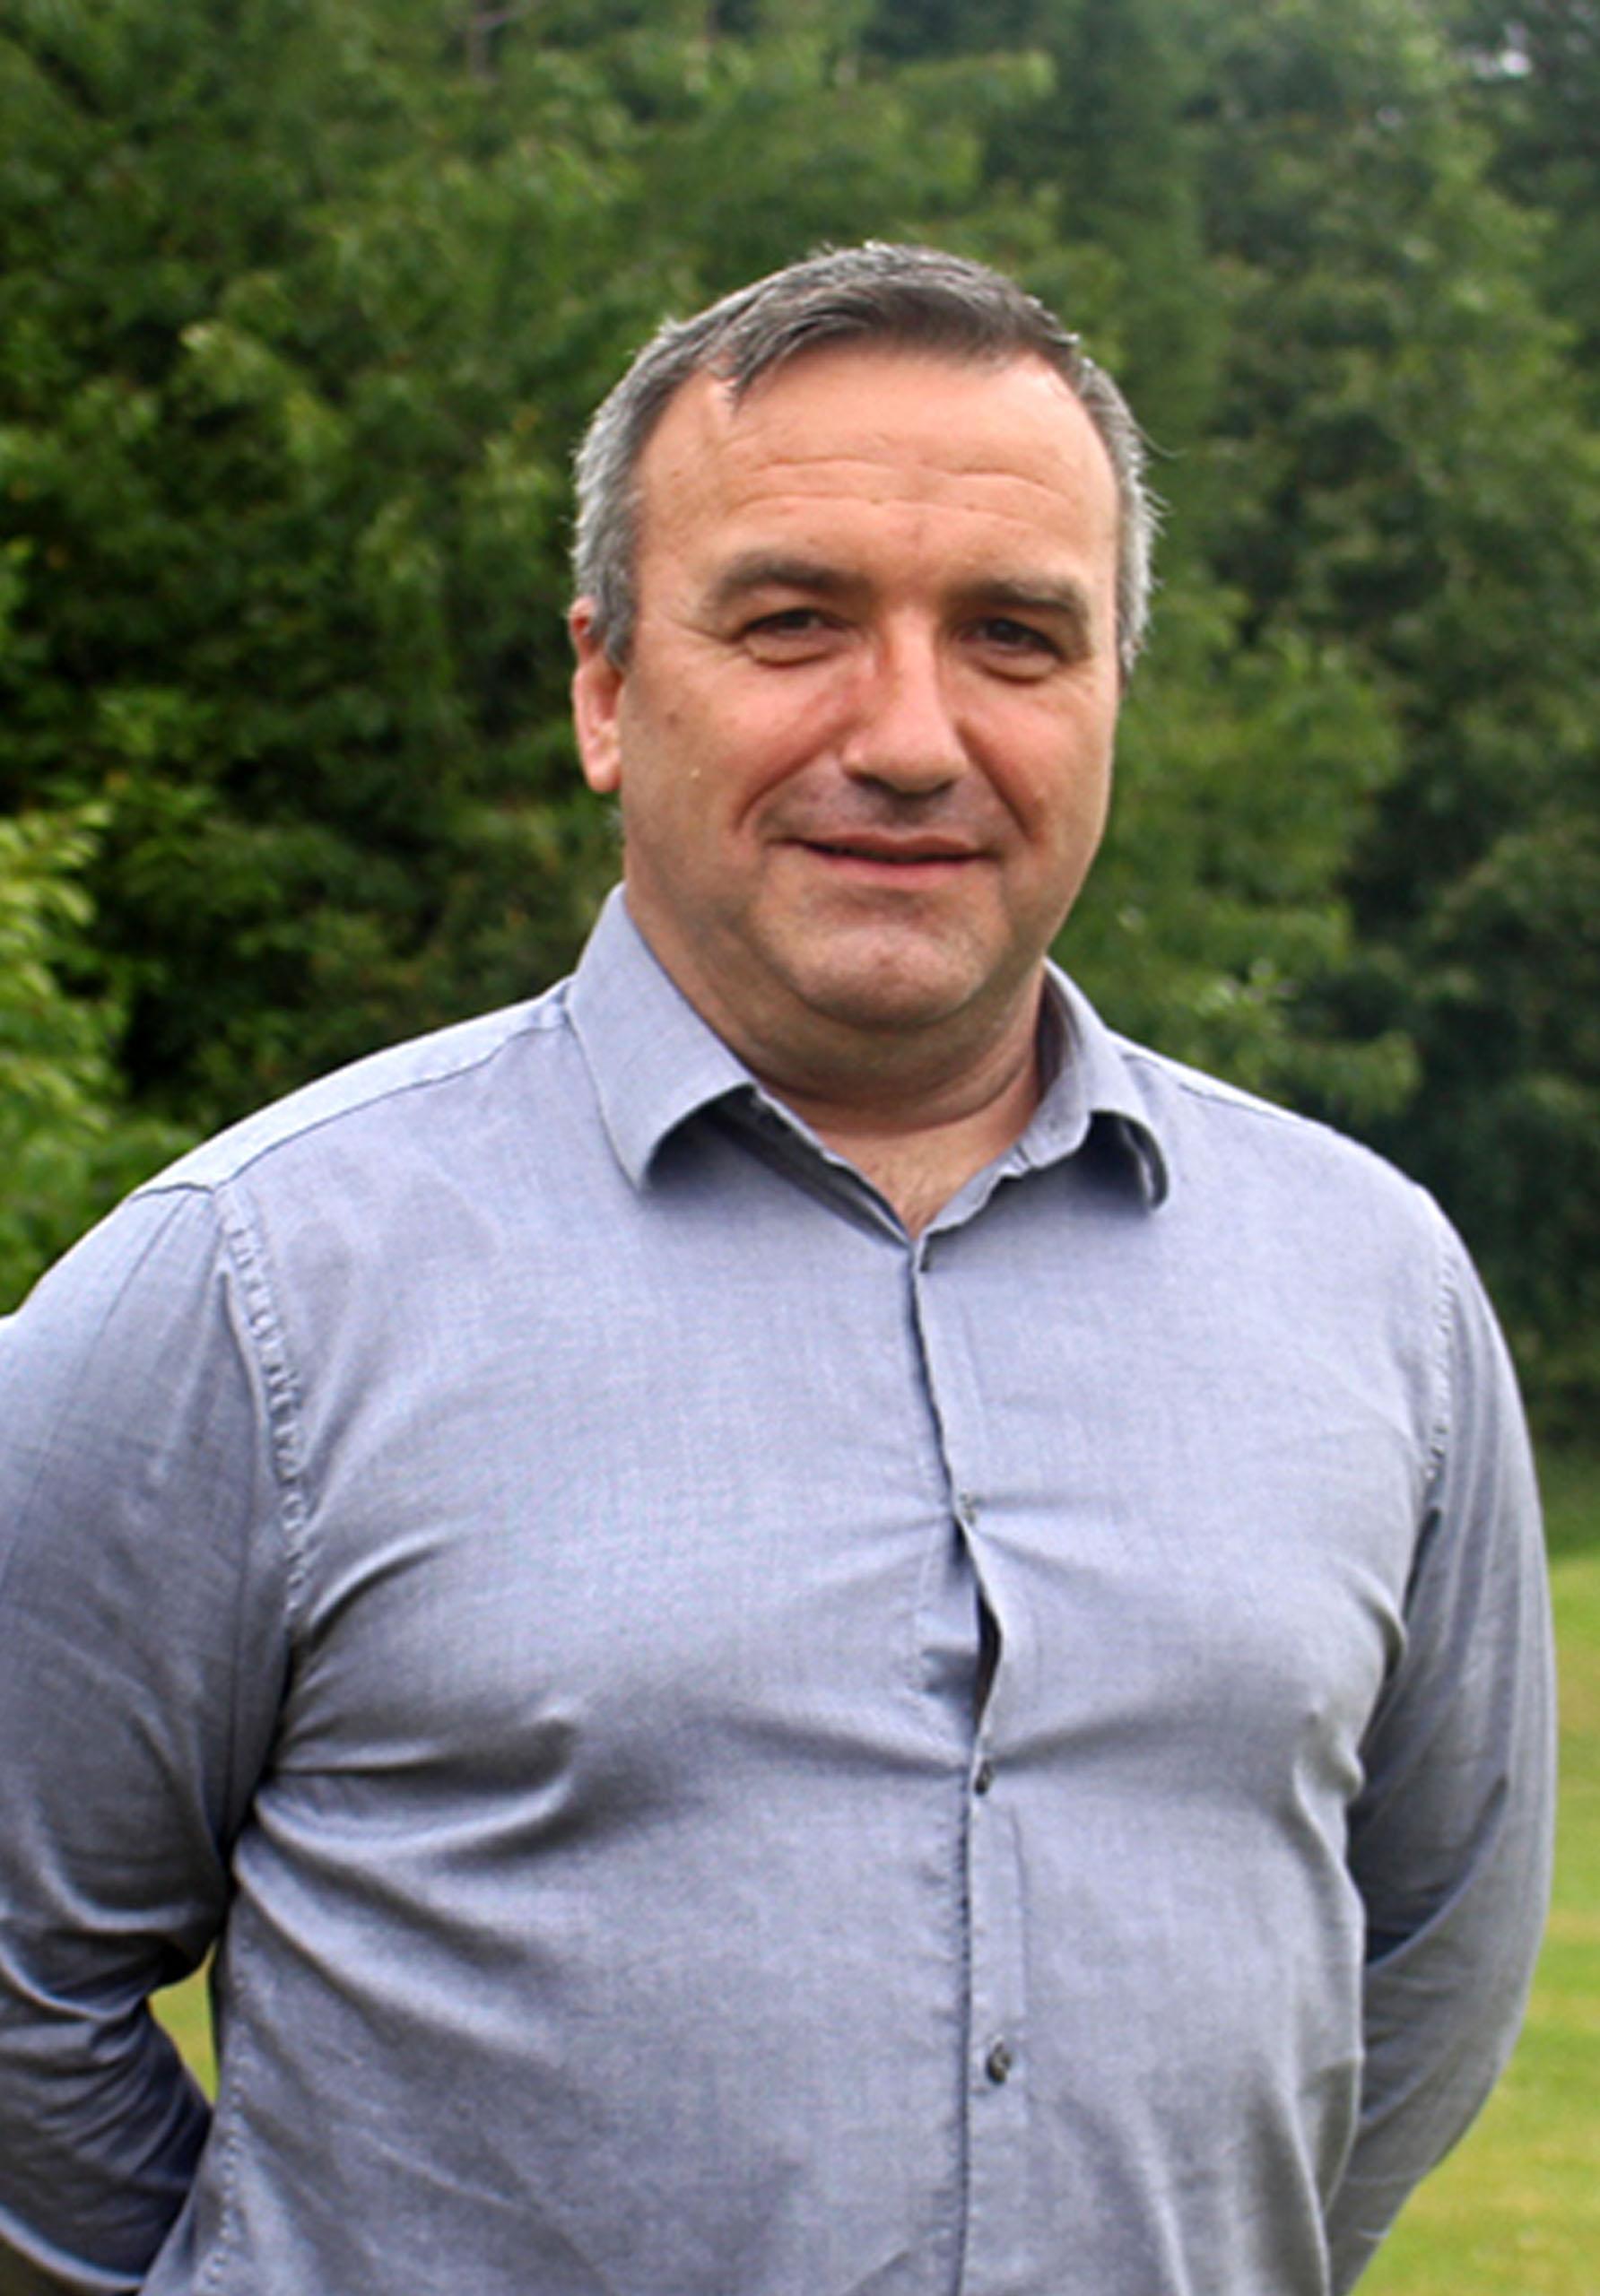 Darren Rossiter